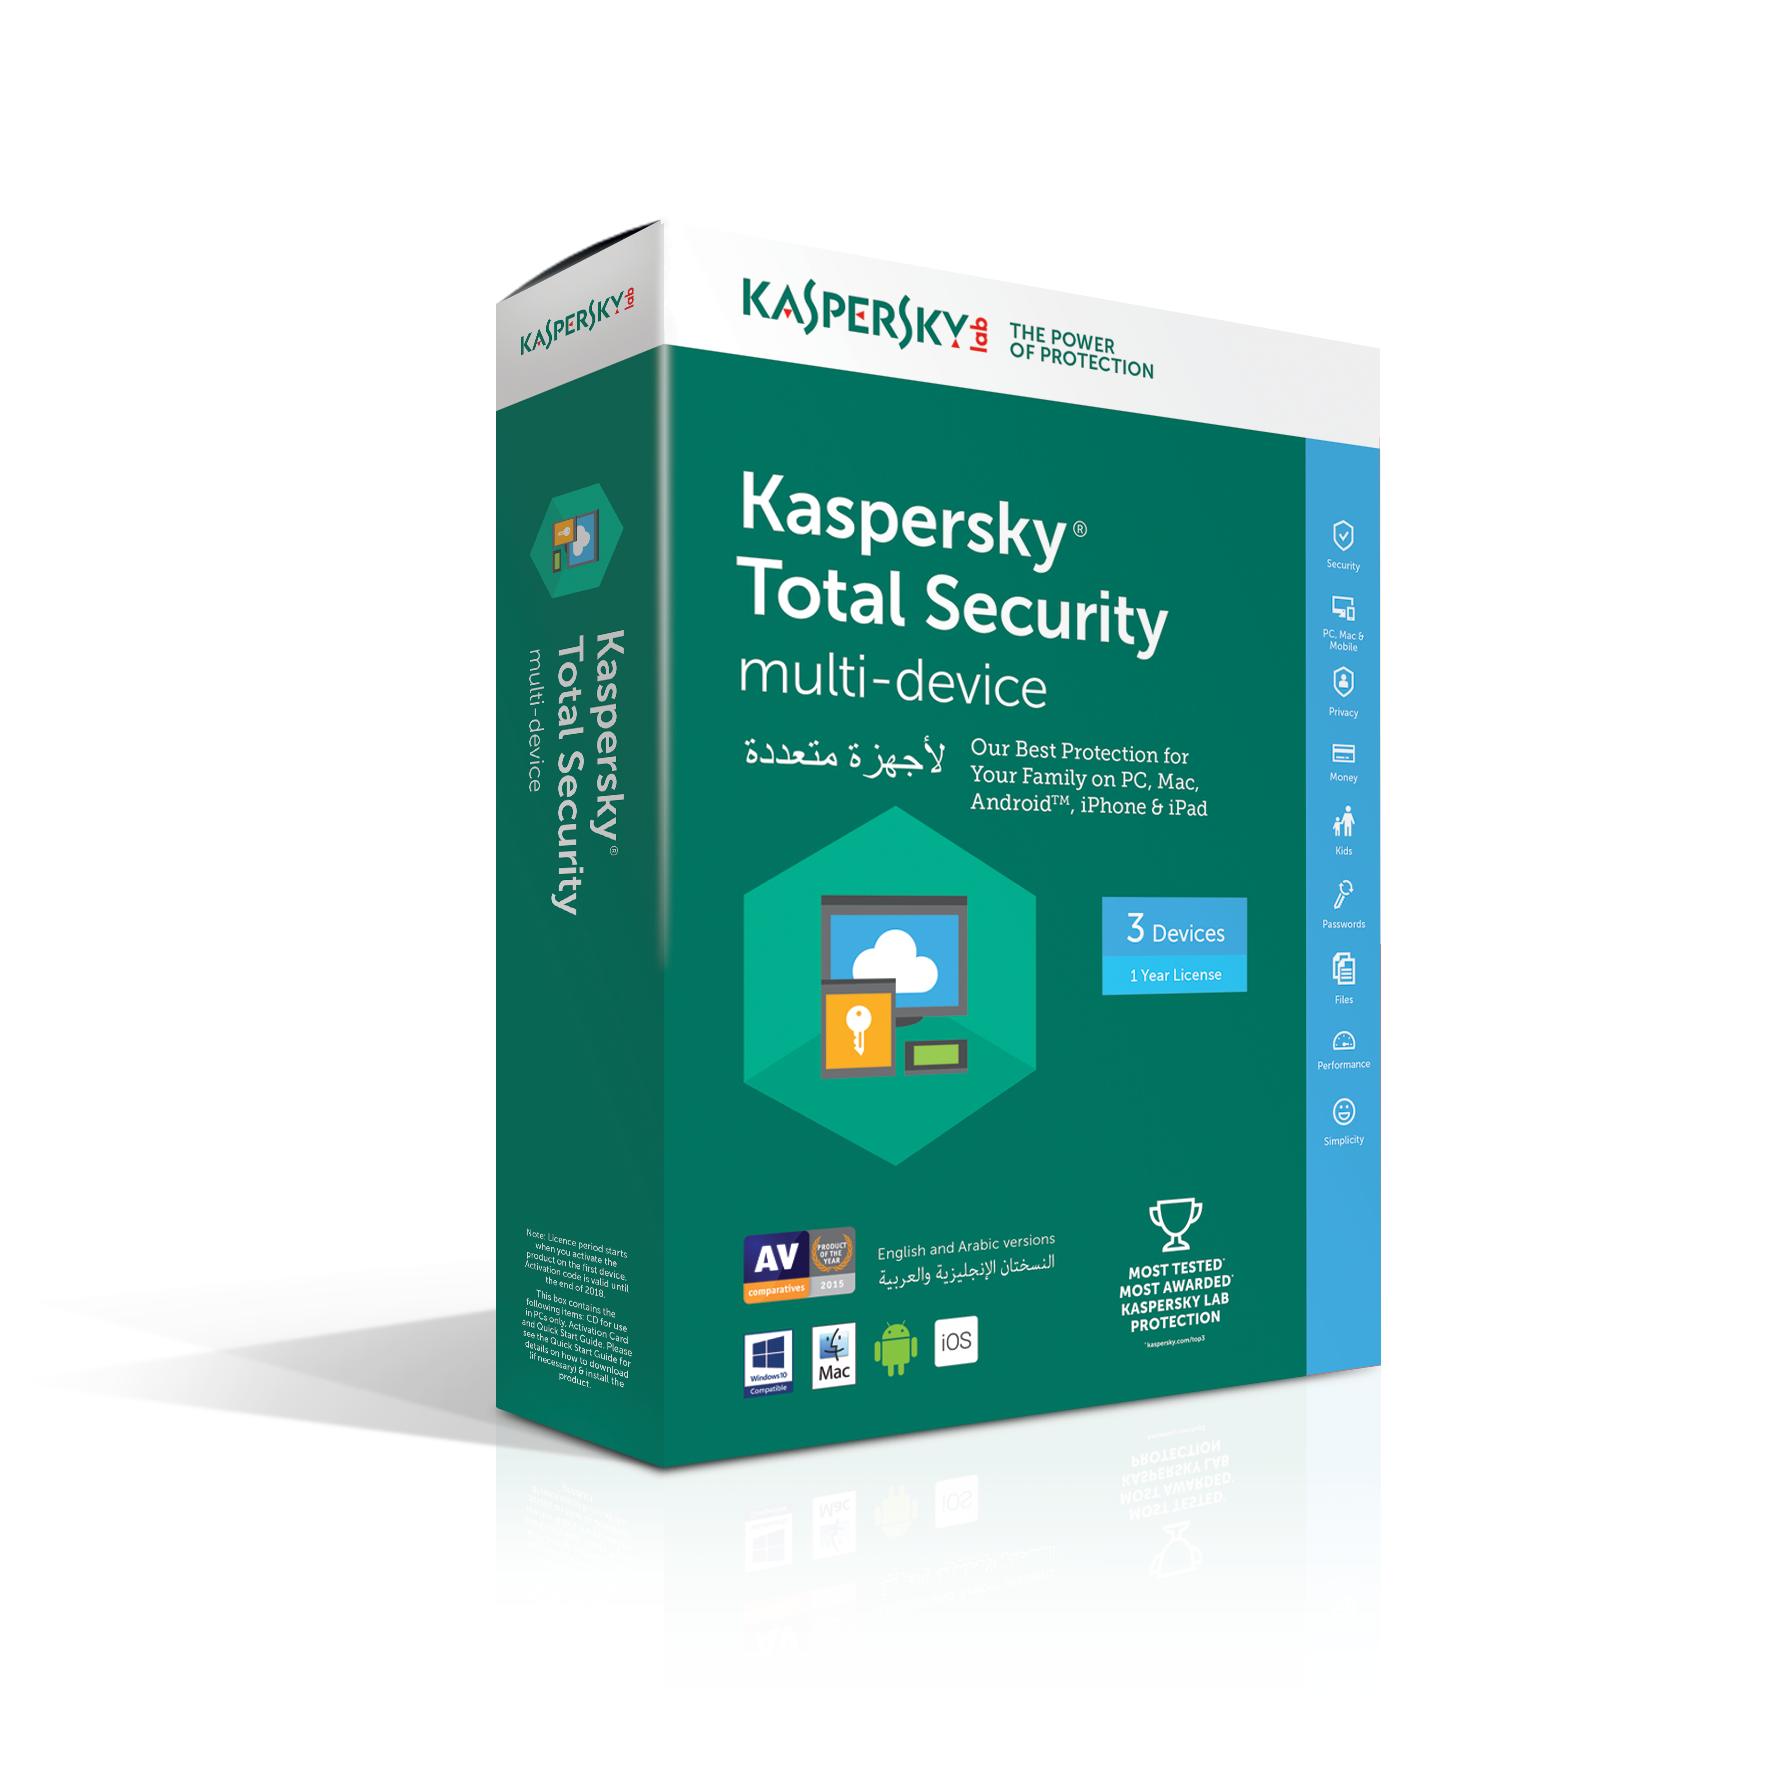 KASPERSKY SOFTWARE / TOTAL SECURITY - 3 USER (KTSMD3USER)